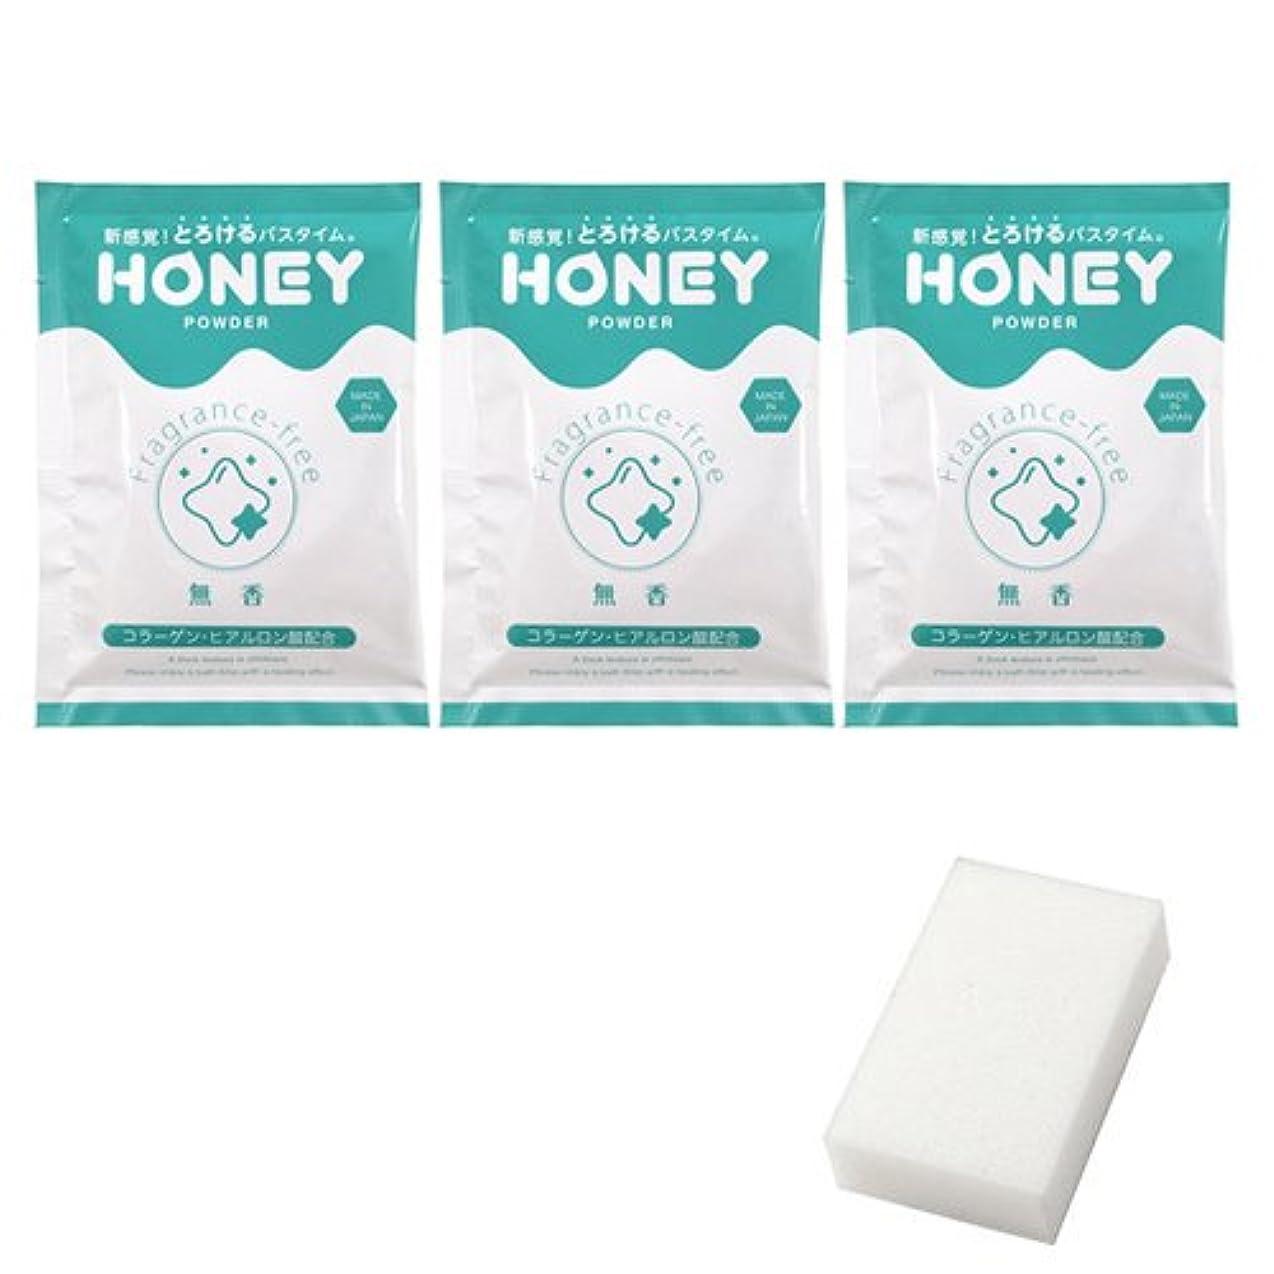 大きい子供時代カブとろとろ入浴剤【honey powder】(ハニーパウダー) 無香タイプ 3個セット + 圧縮スポンジセット